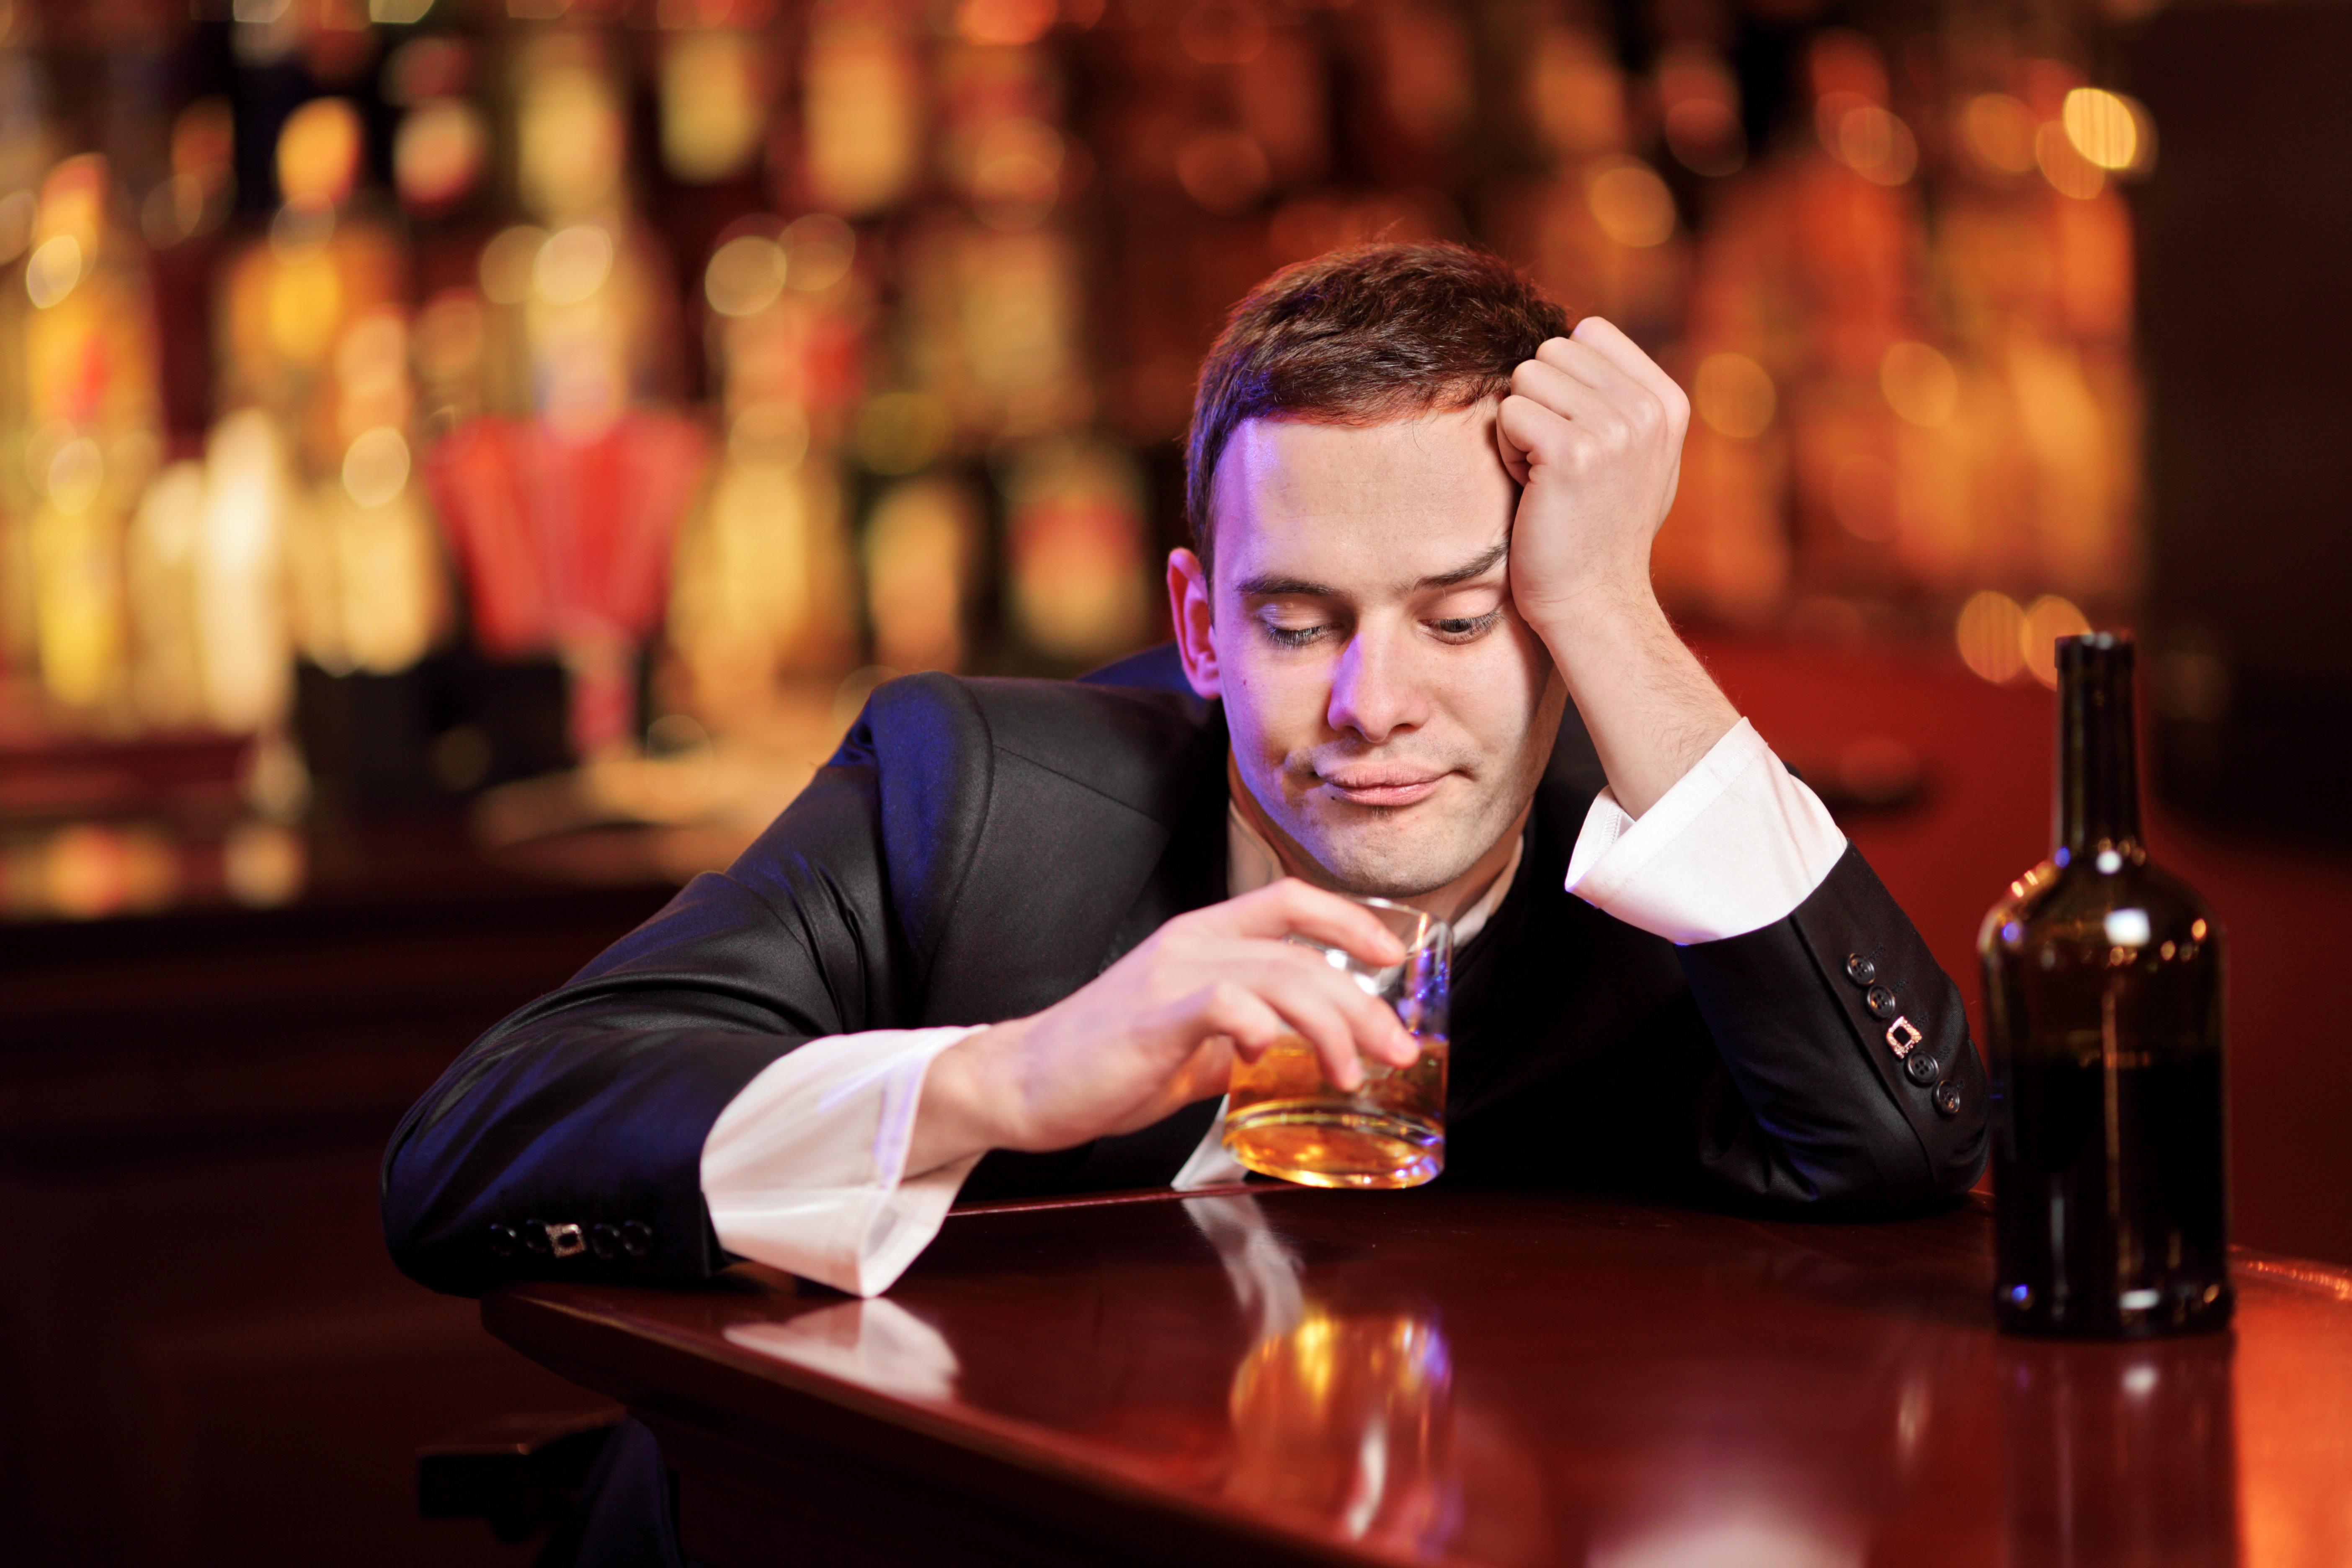 läkemedel mot alkoholism